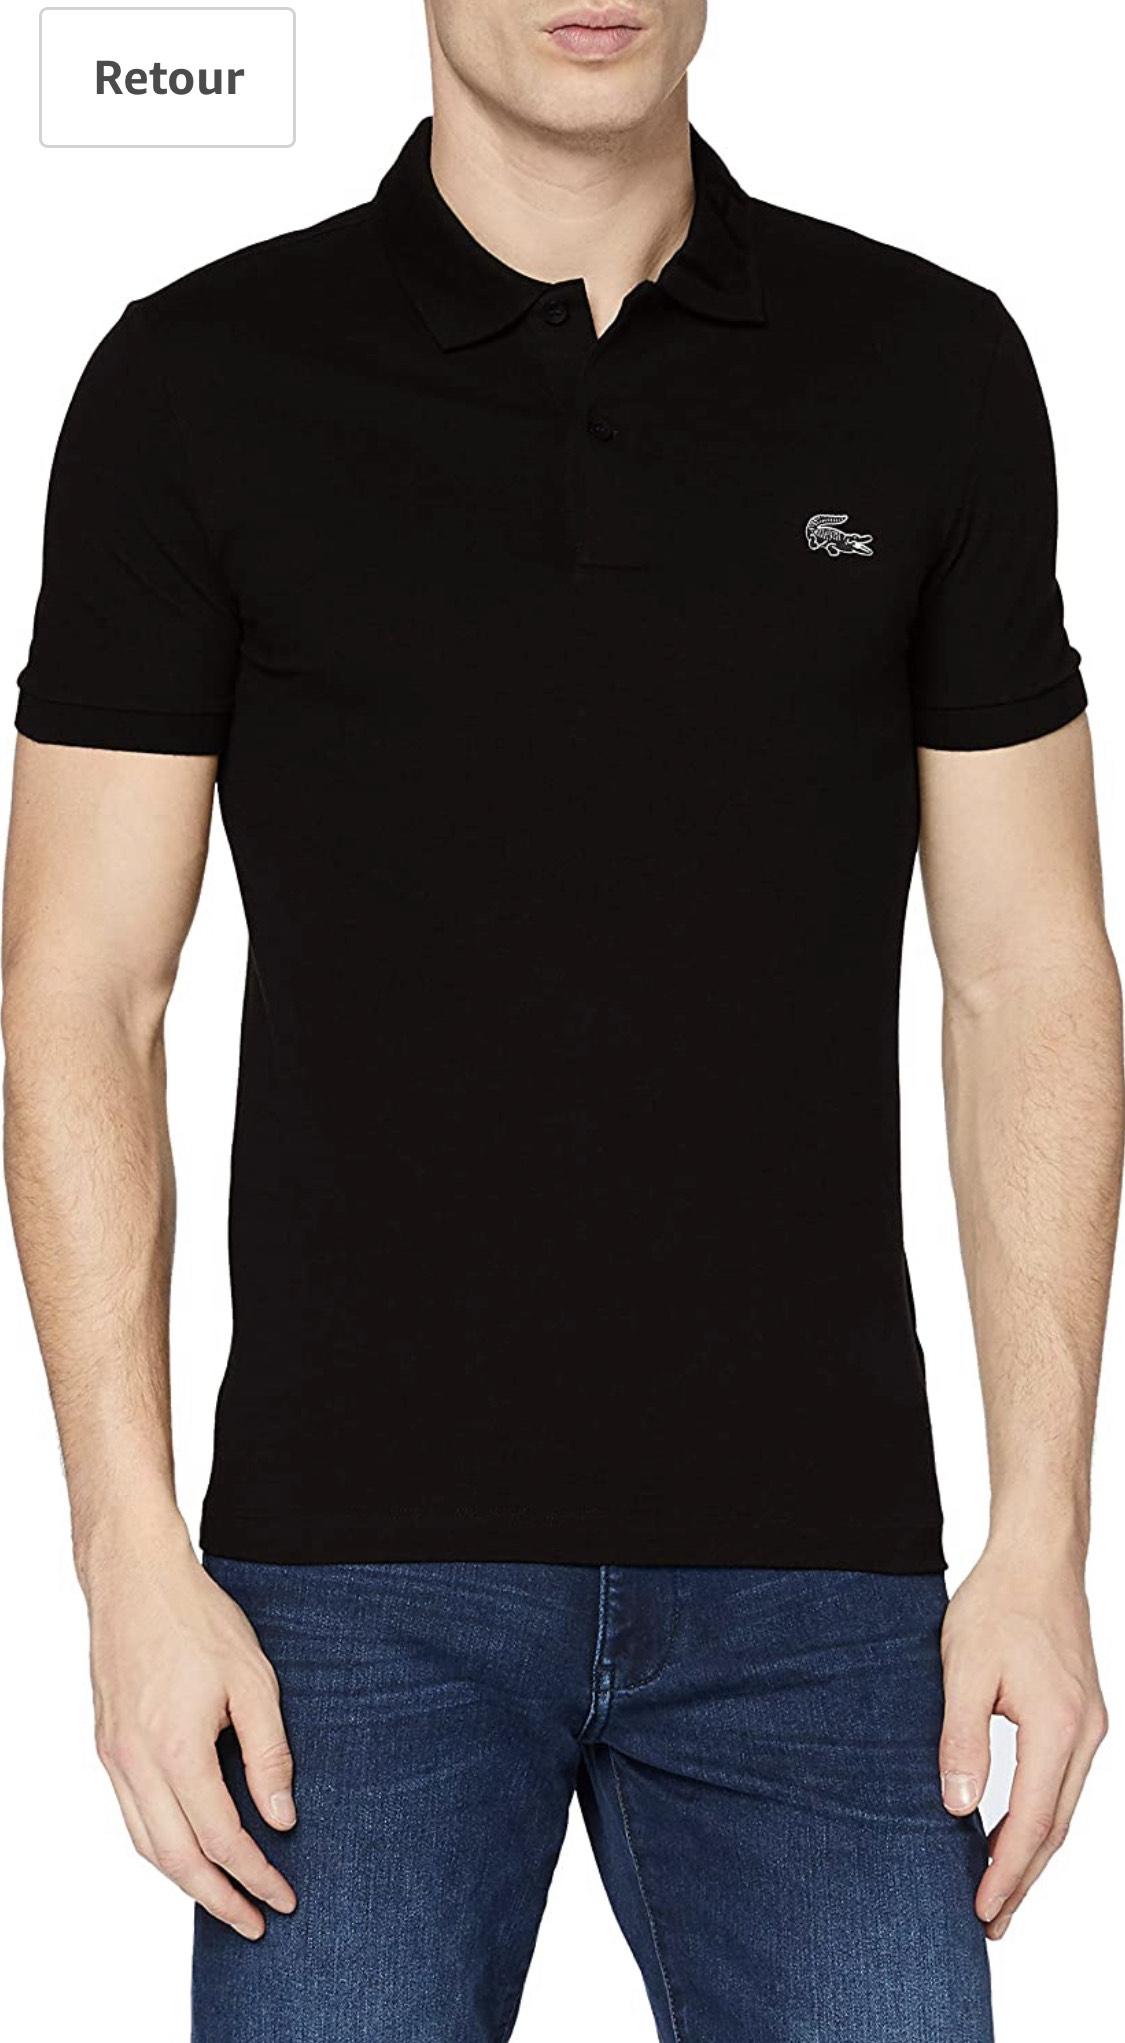 Polo Lacoste PH1848 pour Homme, 100% coton, Noir - Taille L